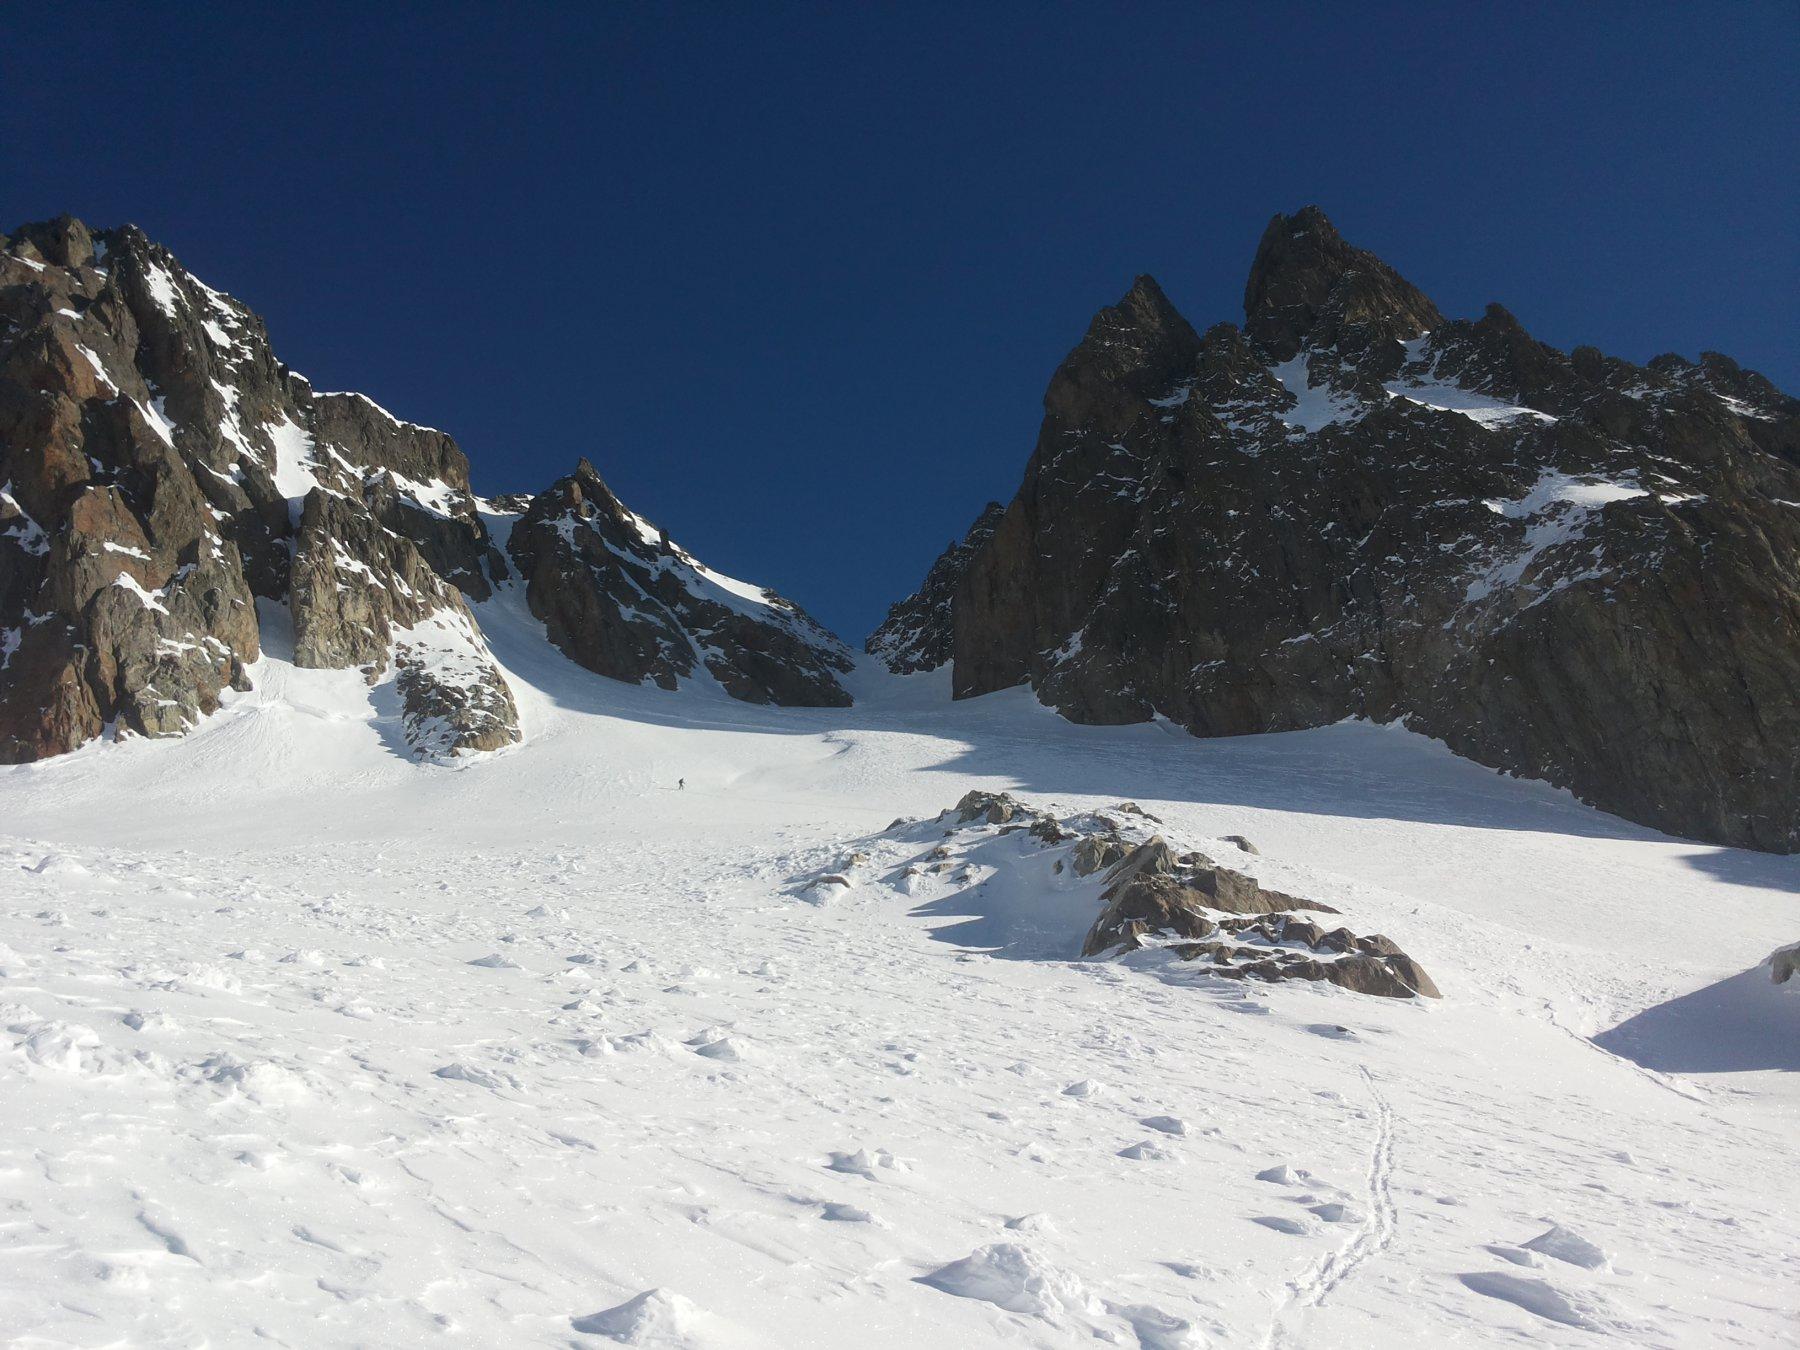 il colle bello carico di neve